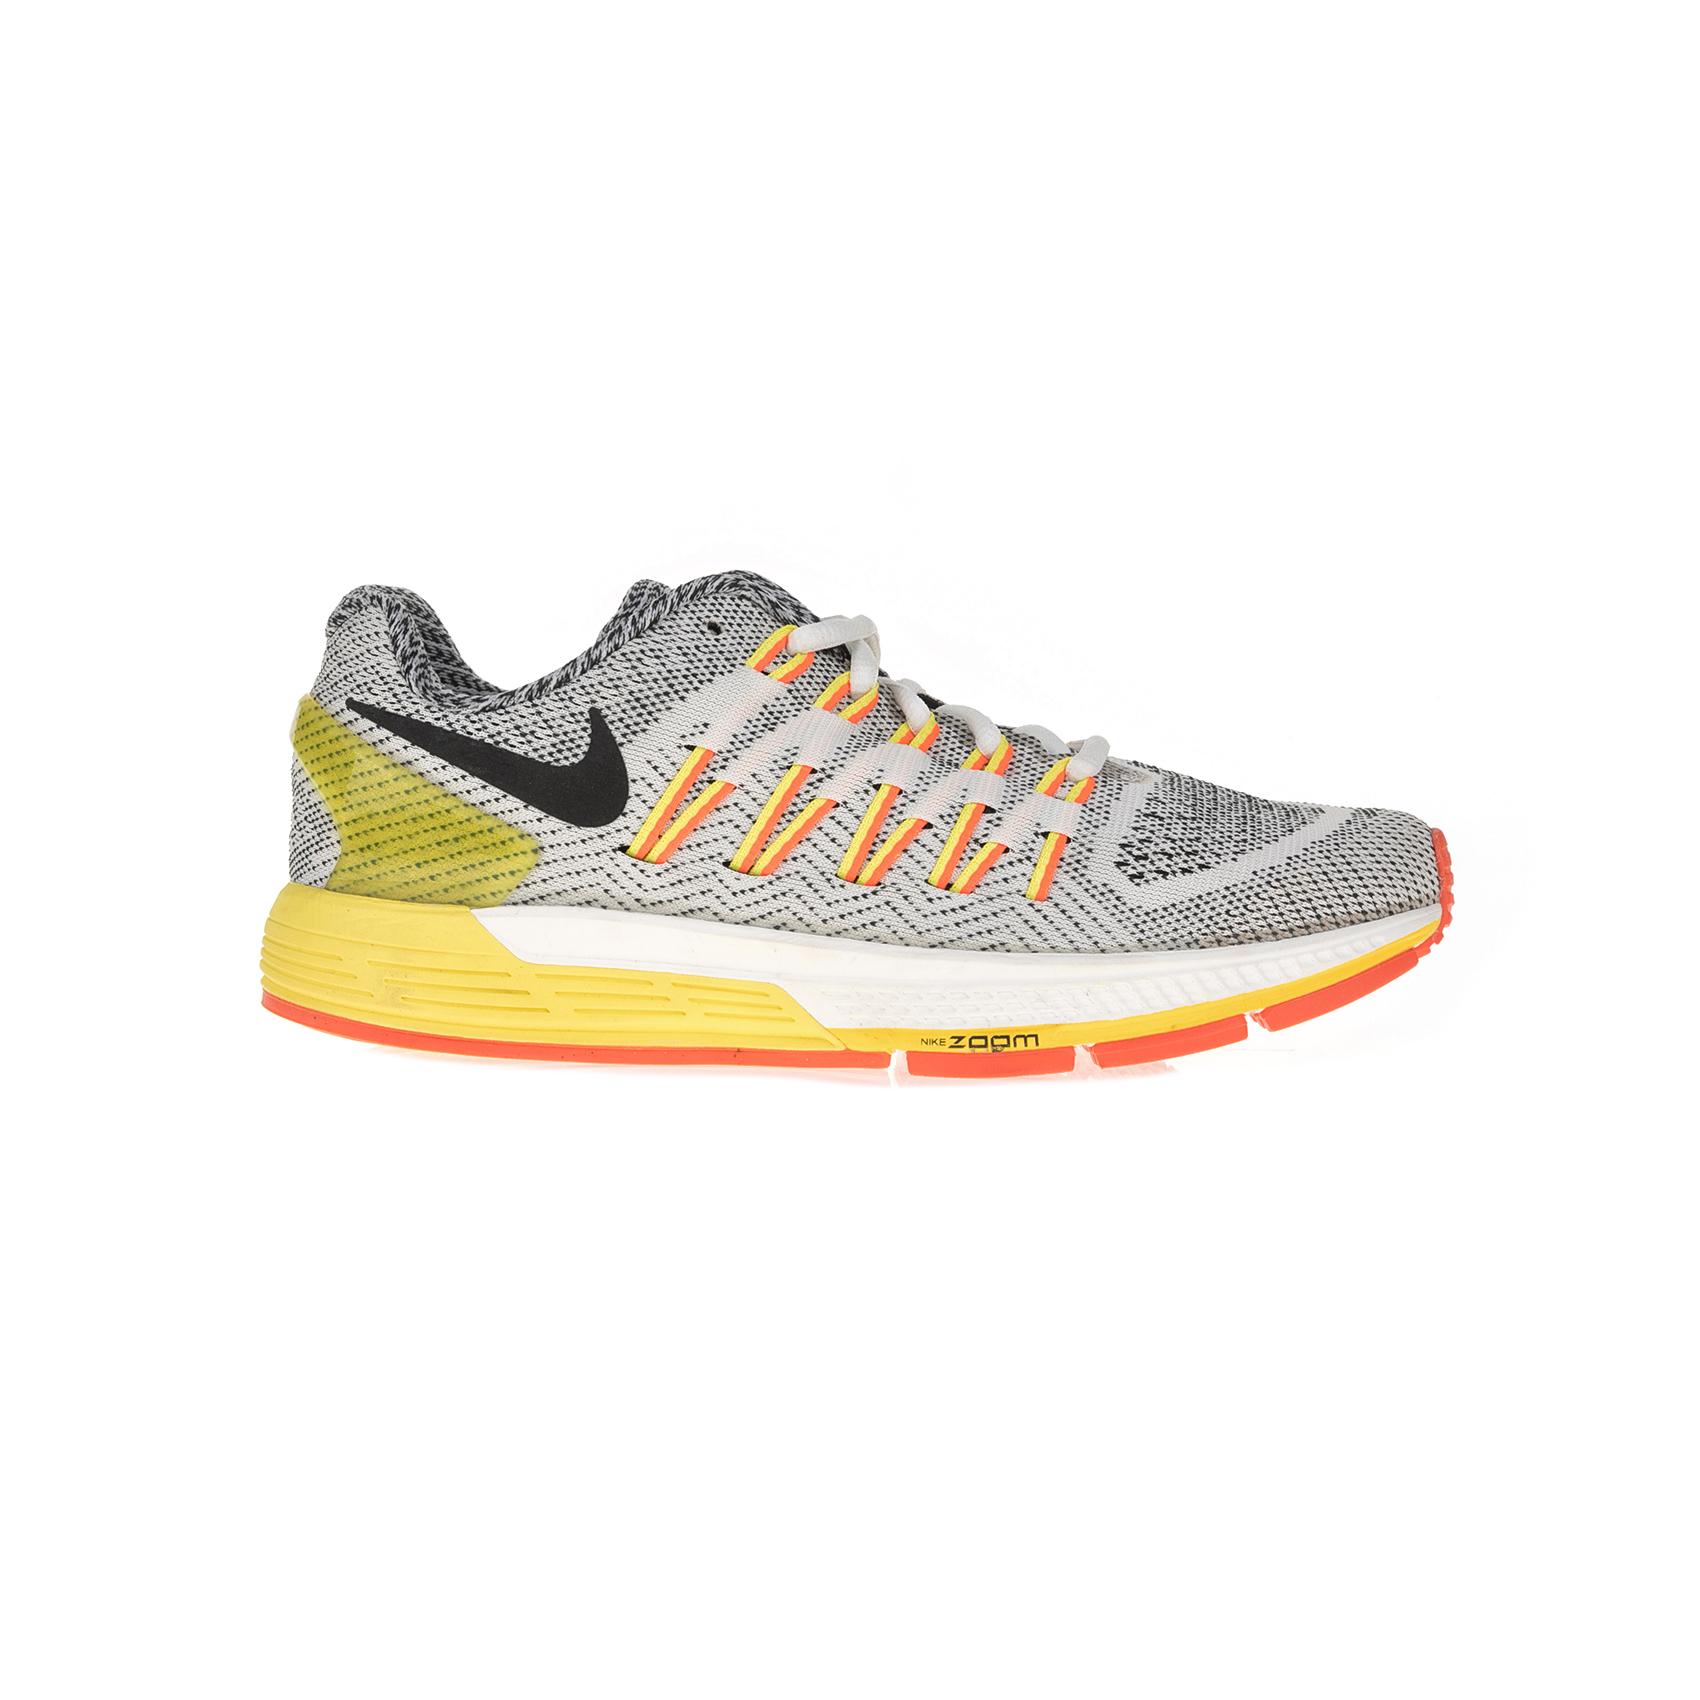 NIKE – Ανδρικά αθλητικά παπούτσια NIKE AIR ZOOM ODYSSEY 2 γκρι